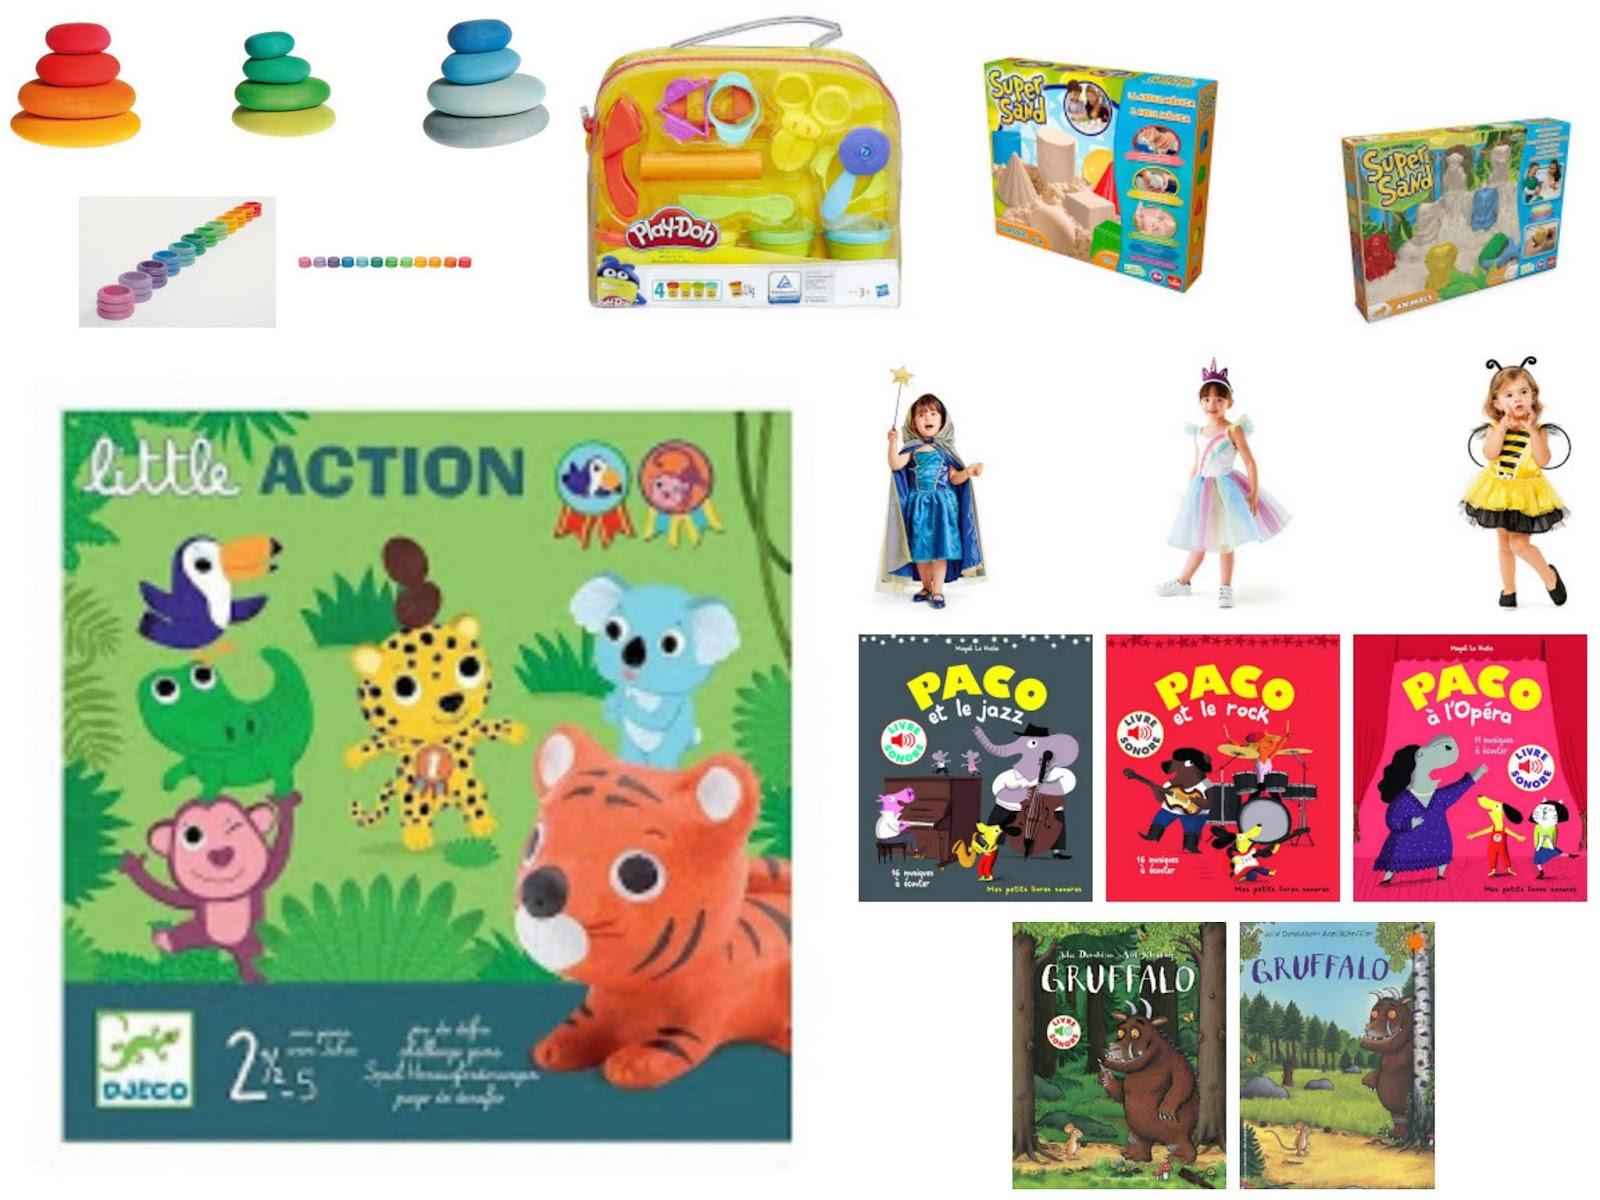 Idee Cadeau Petite Fille 3 Ans.Maaademoiselle A Idees Cadeaux De Noel Pour Une Petite